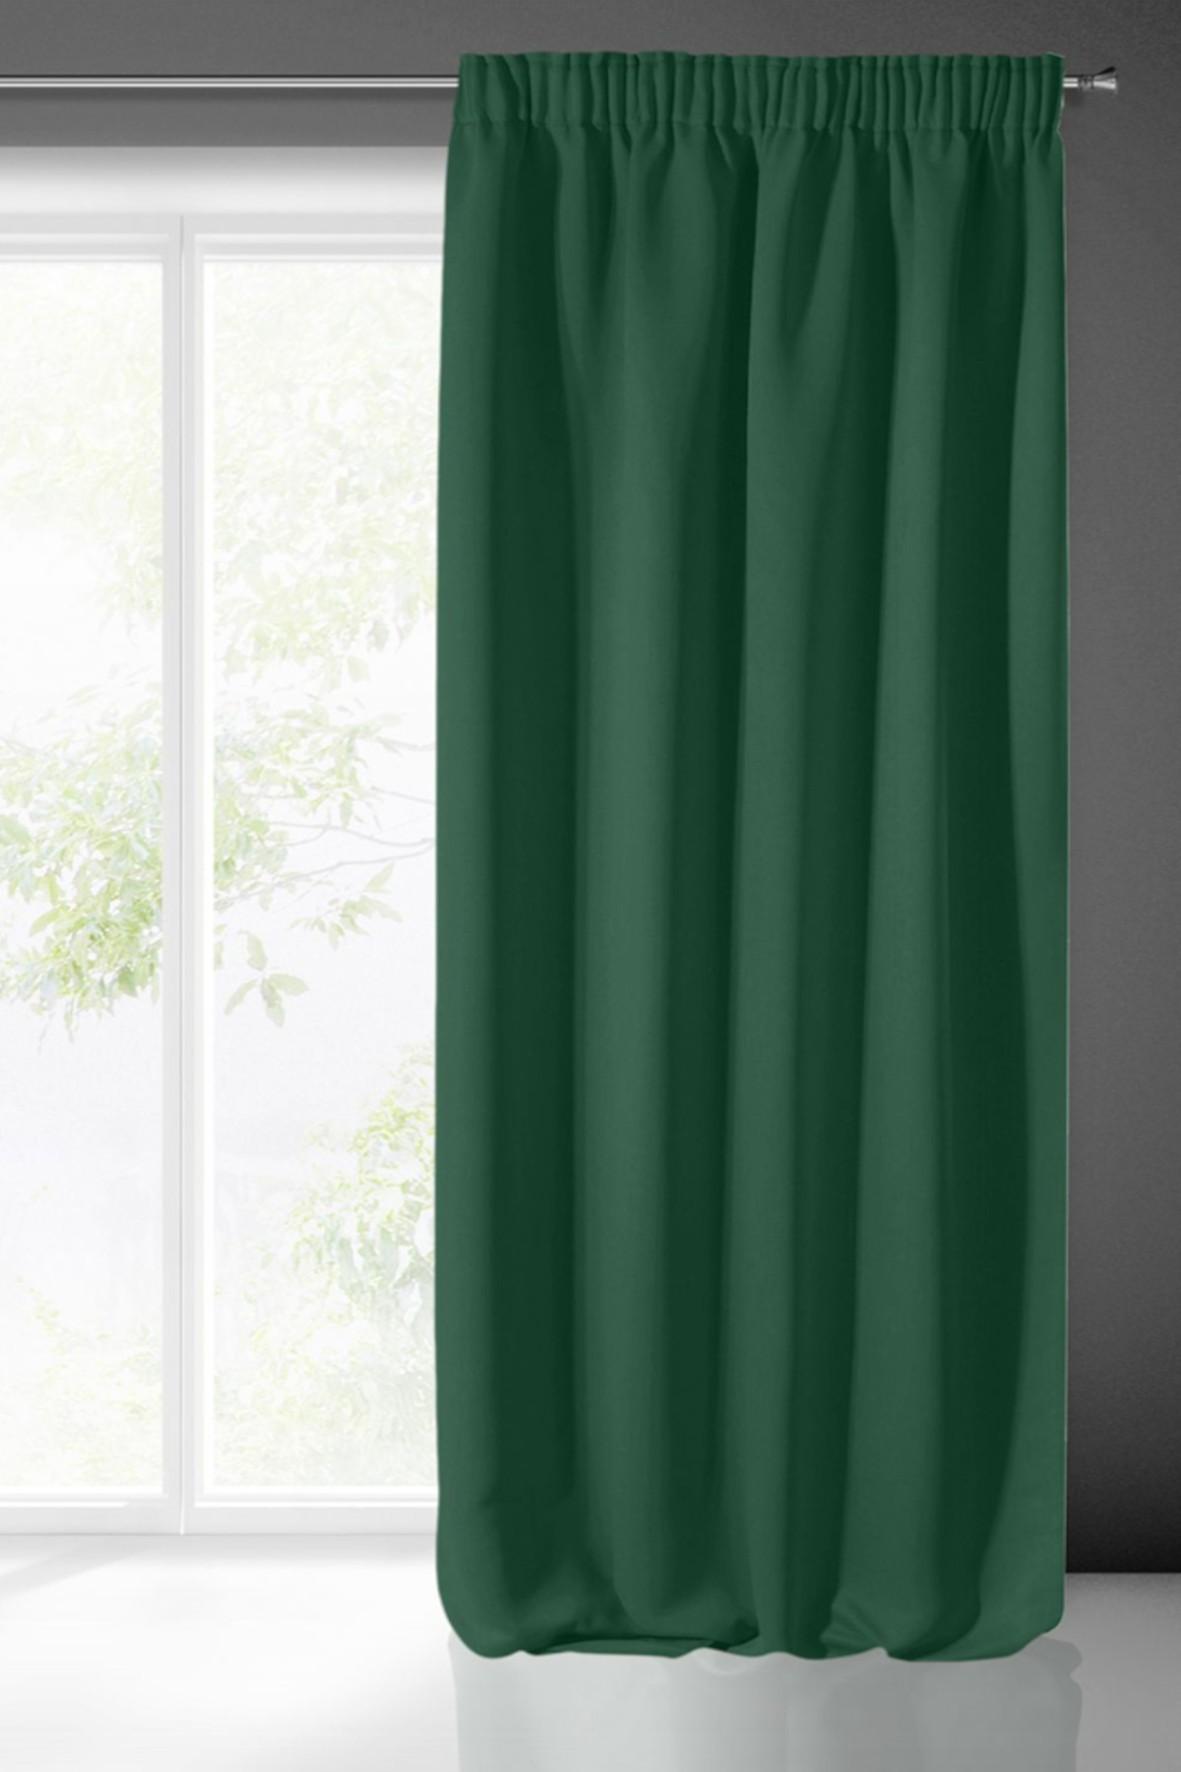 Zasłona jednokolorowa zaciemniająca - zielona -135x270cm